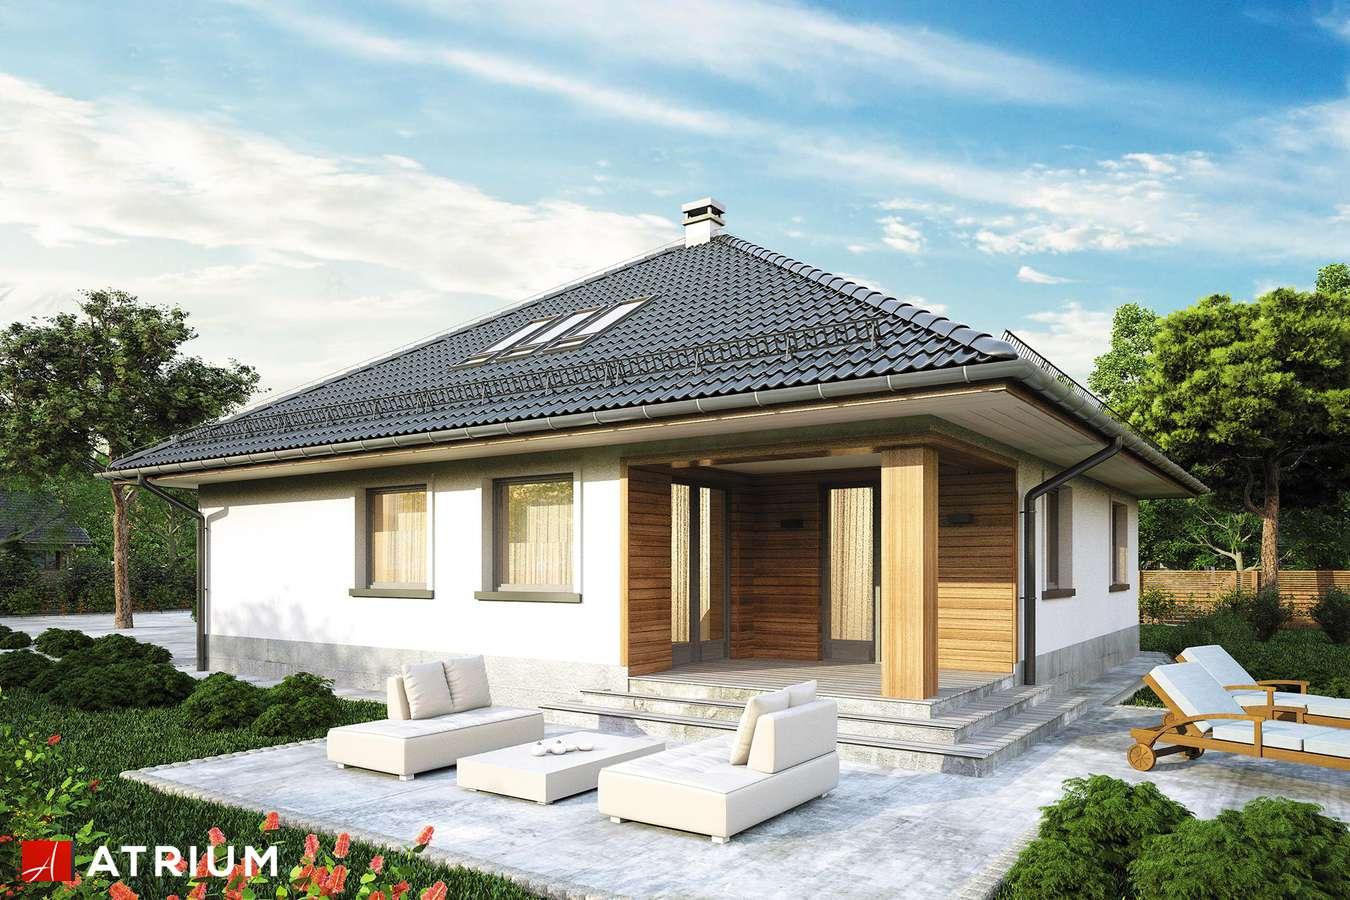 Projekty domów - Projekt domu z poddaszem MODELOWY - wizualizacja 2 - wersja lustrzana